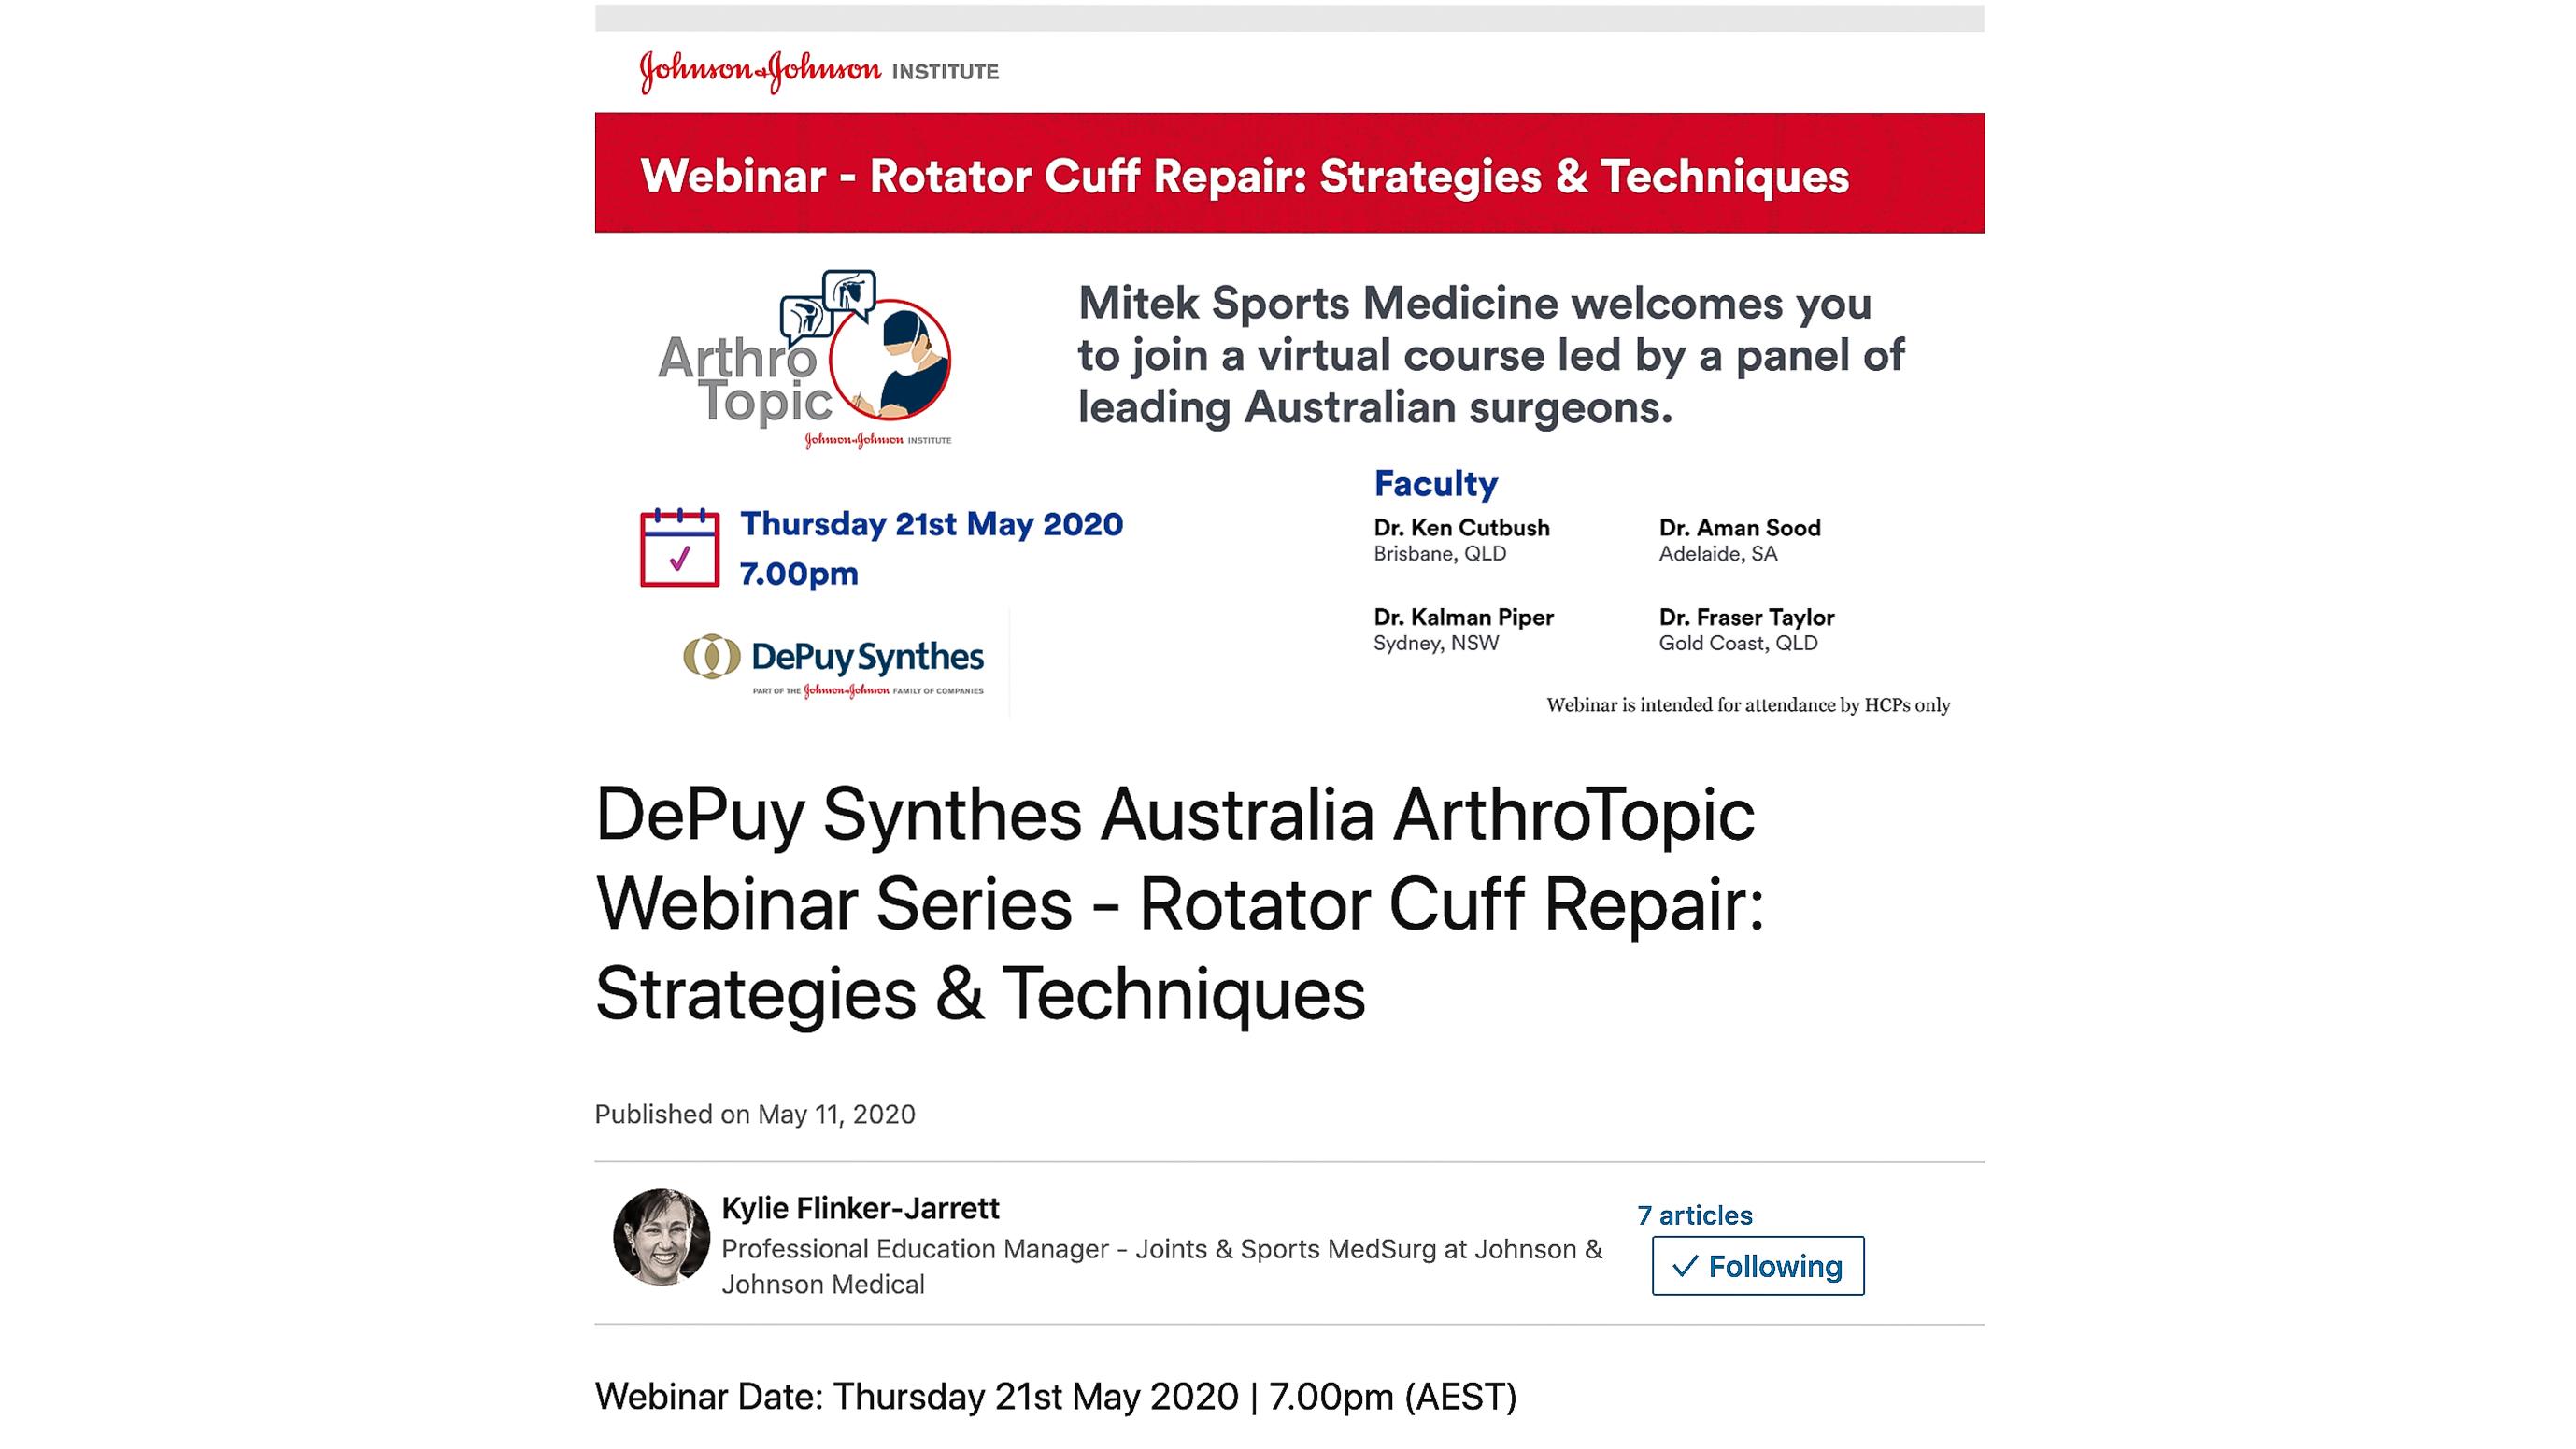 Rotator Cuff Webinar